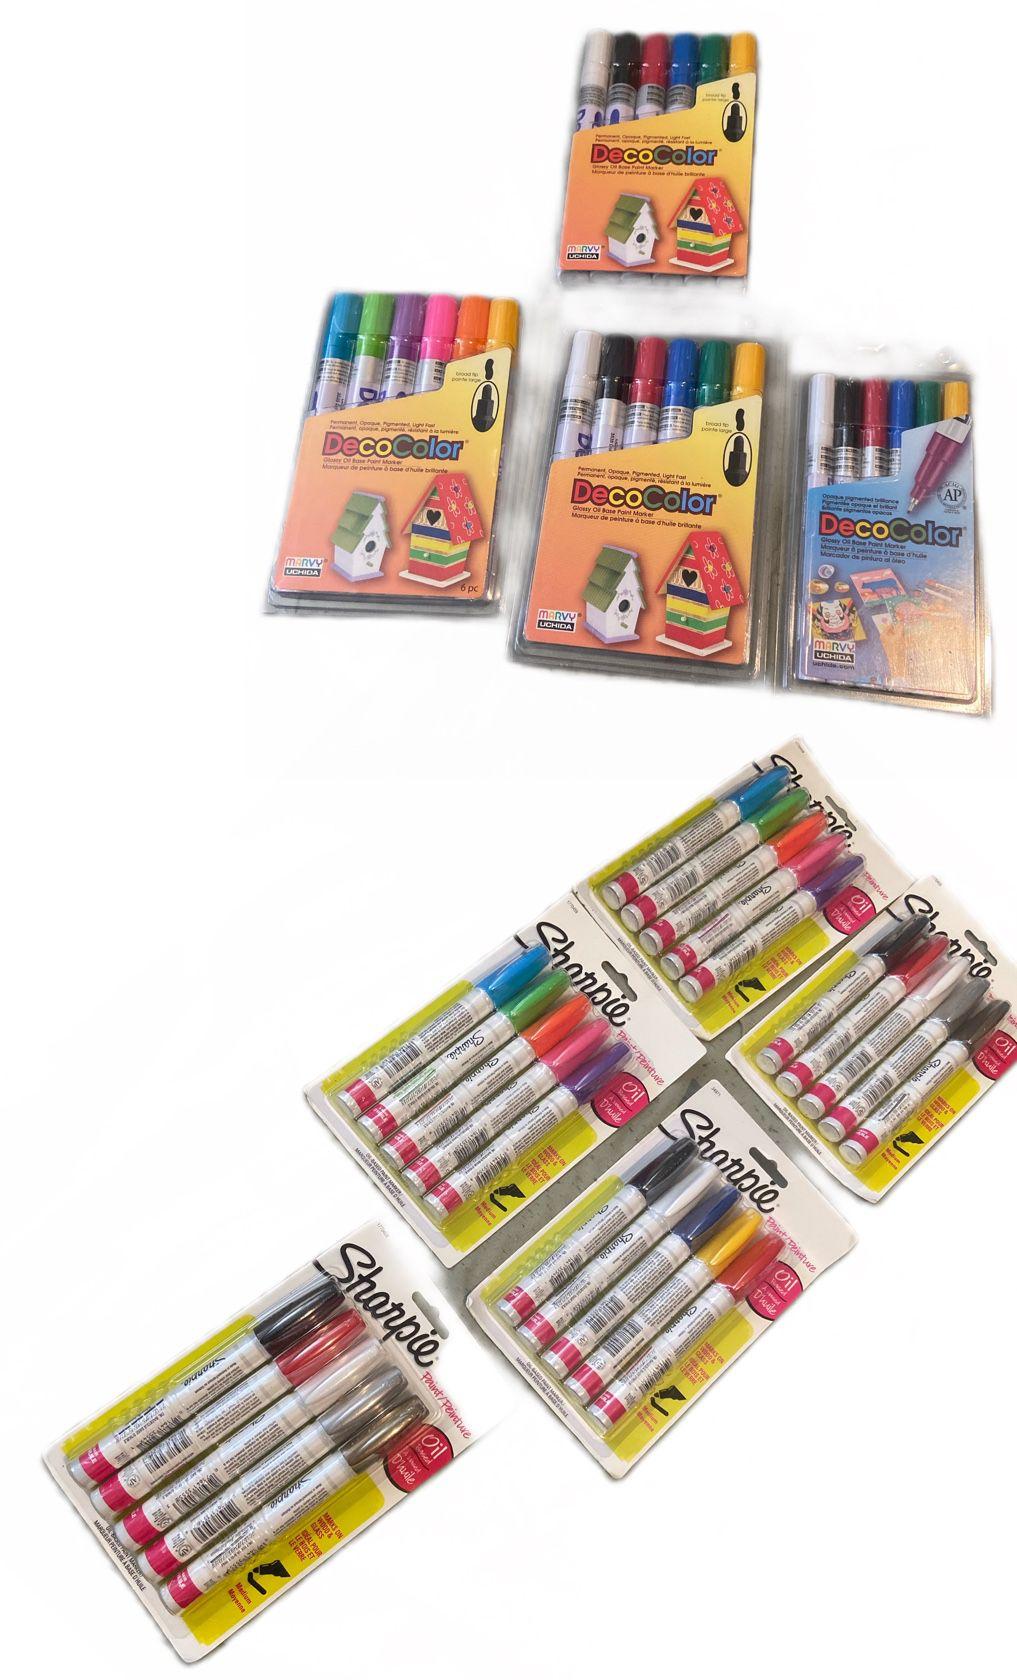 Deco Paint Marker 6 Pack